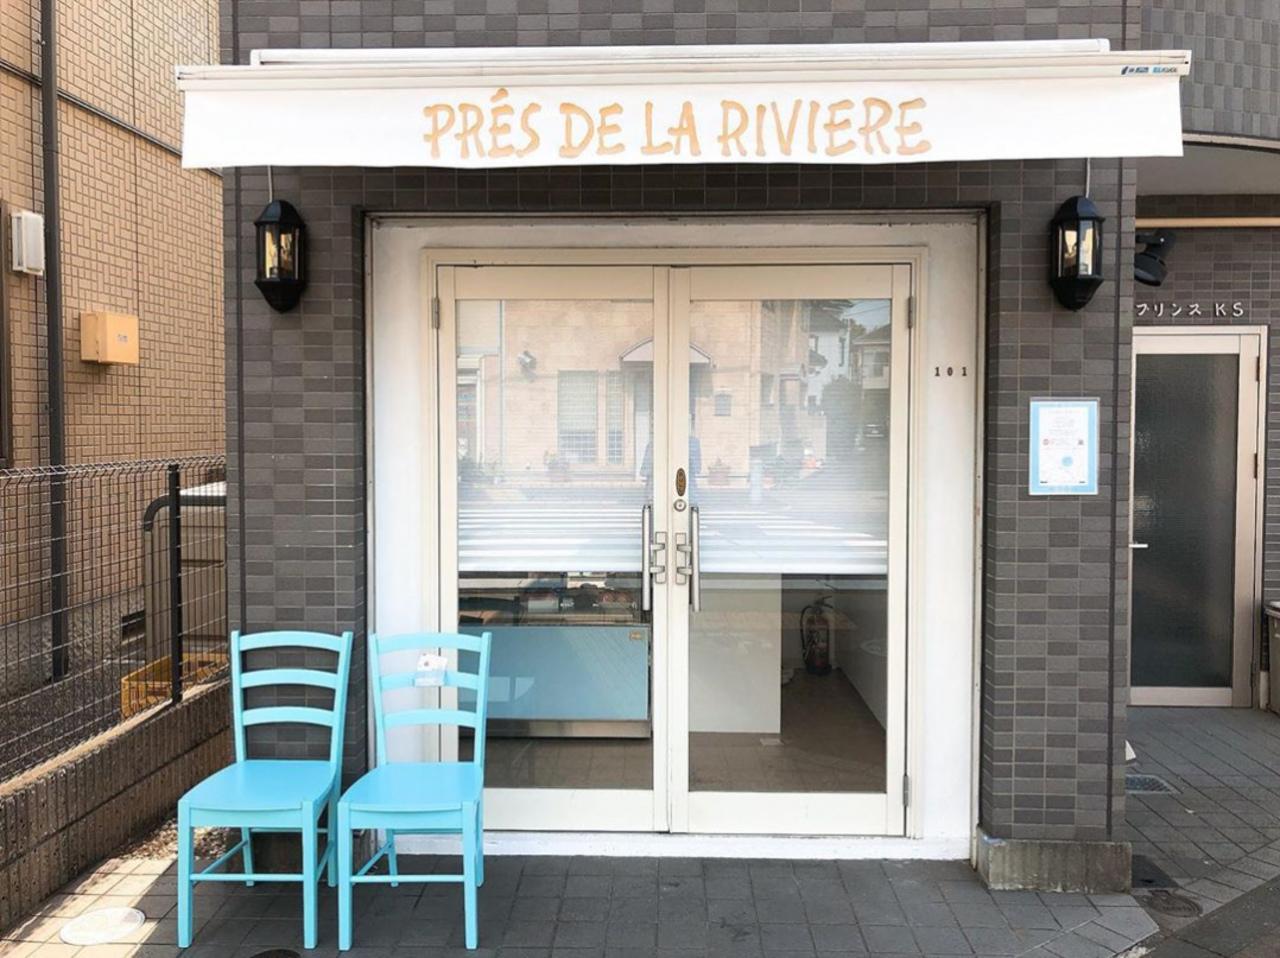 和泉多摩川より移転。。東京都狛江市岩戸北1丁目に洋菓子店『プレドゥラリヴィエール』本日プレオープン